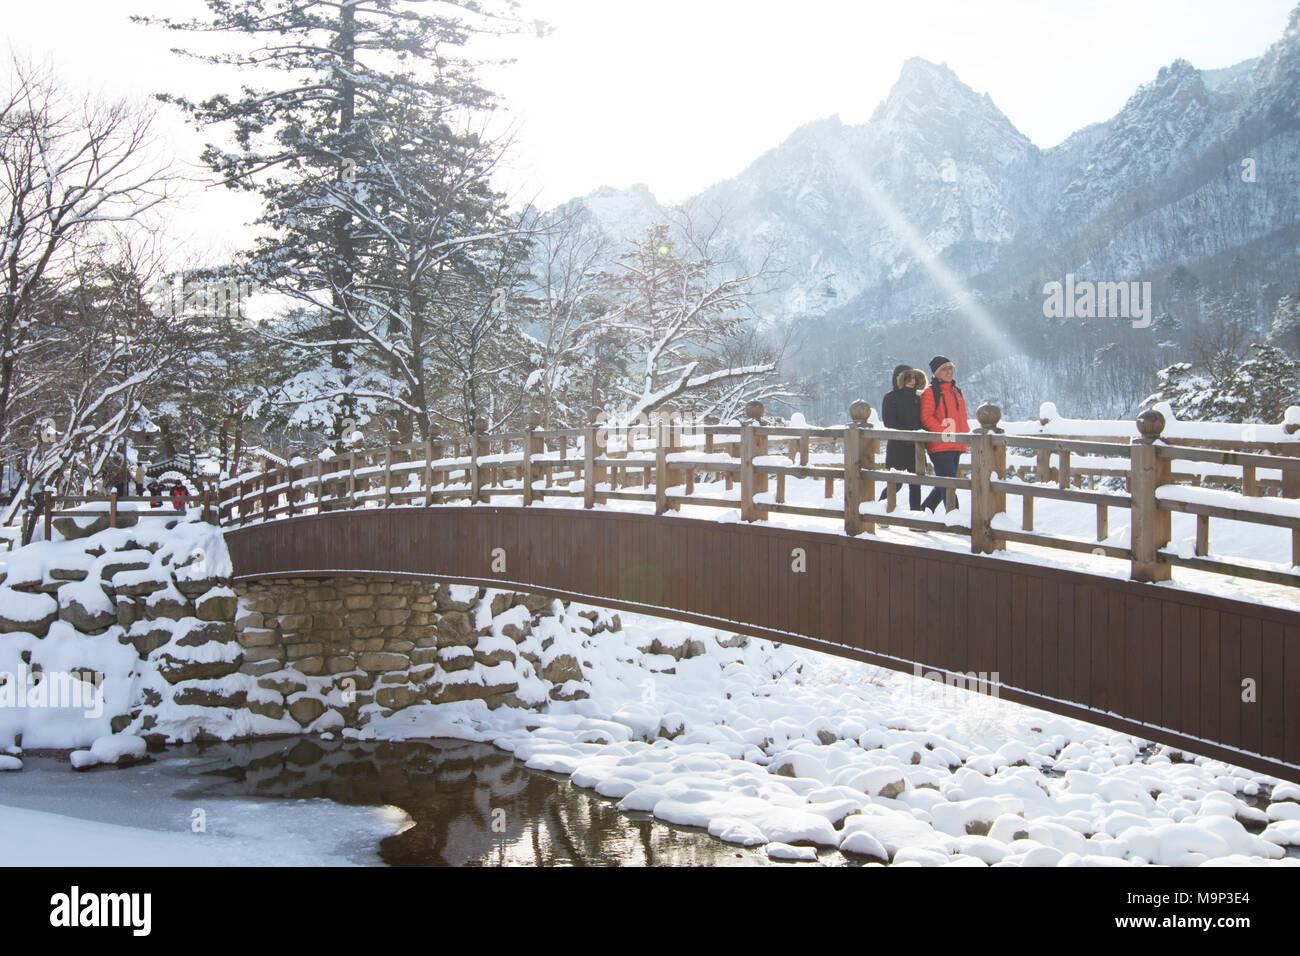 Un homme et une femme marchent sur un pont de bois dans le Parc National de Seoraksan, Gangwon-do, Corée du Sud. Seoraksan est une belle et célèbre parc national dans les montagnes près de Cavaillon dans la région du Gangwon-do en Corée du Sud. Le nom fait référence à Snowy Mountains Crags. Situé dans le paysage sont deux temples Bouddhistes: Sinheung-sa et Beakdam-sa. Cette région accueille les Jeux Olympiques d'hiver en février 2018. Photo Stock